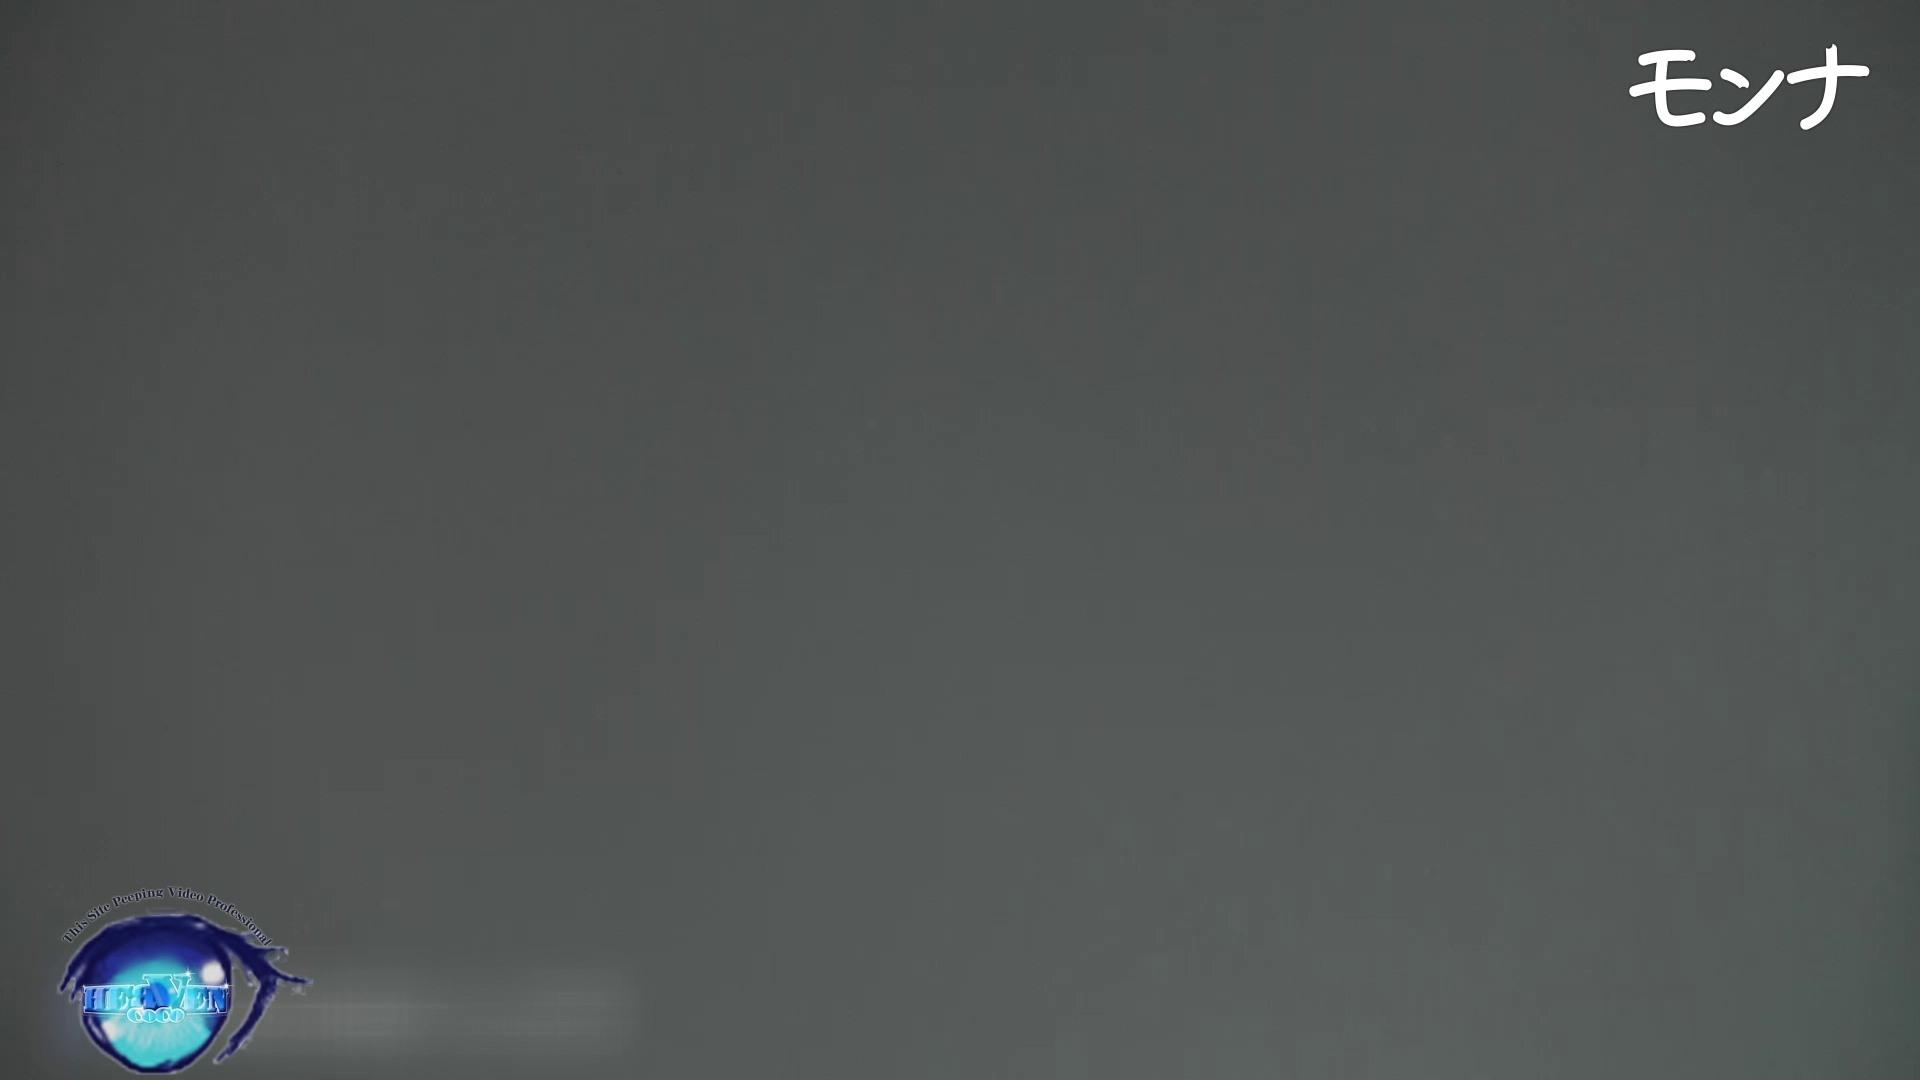 【美しい日本の未来】美しい日本の未来 No.87後編 0 | お尻特集  63連発 16